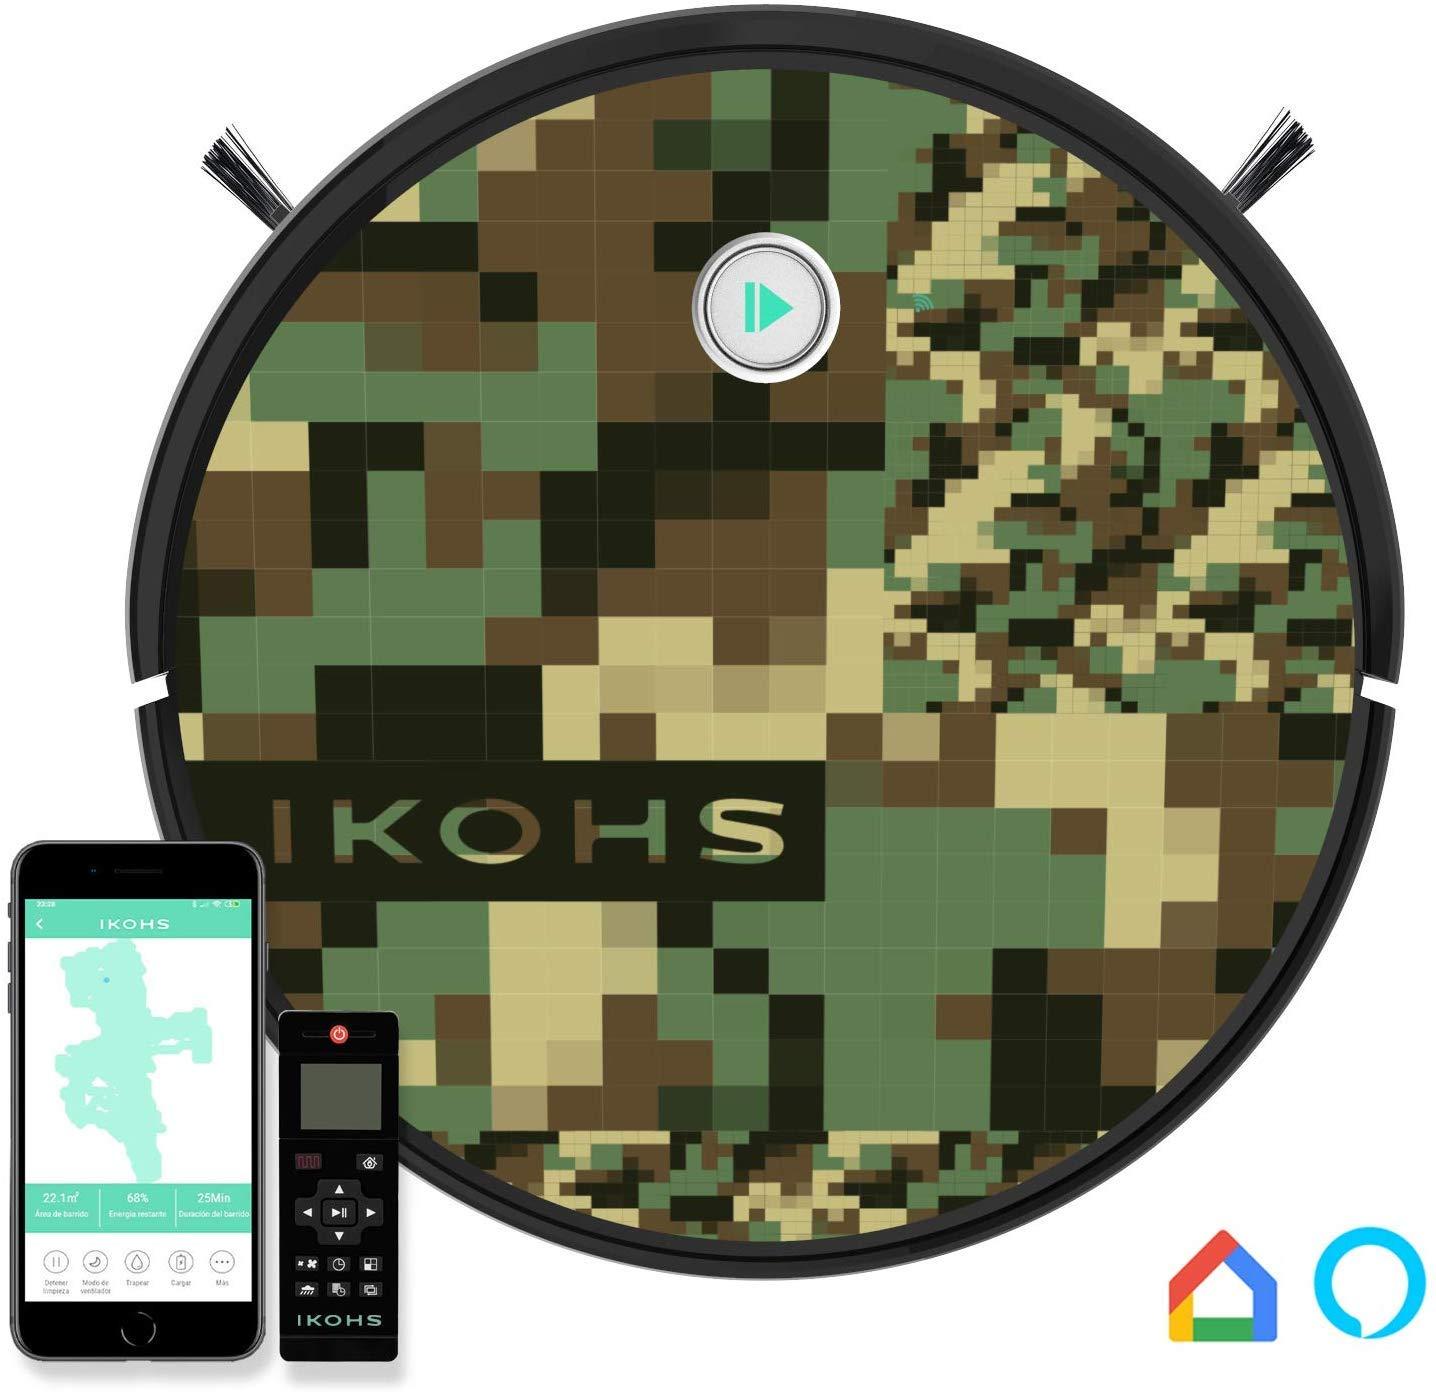 Vinilo Reposicionable Cambia el Aspecto Robot Variedad Dise/ños Leopard Print Calidad Resistente y Duradero F/ácil Aplicaci/ón IKOHS Vinilos para Personalizar Netbot S15 Robot Aspirador